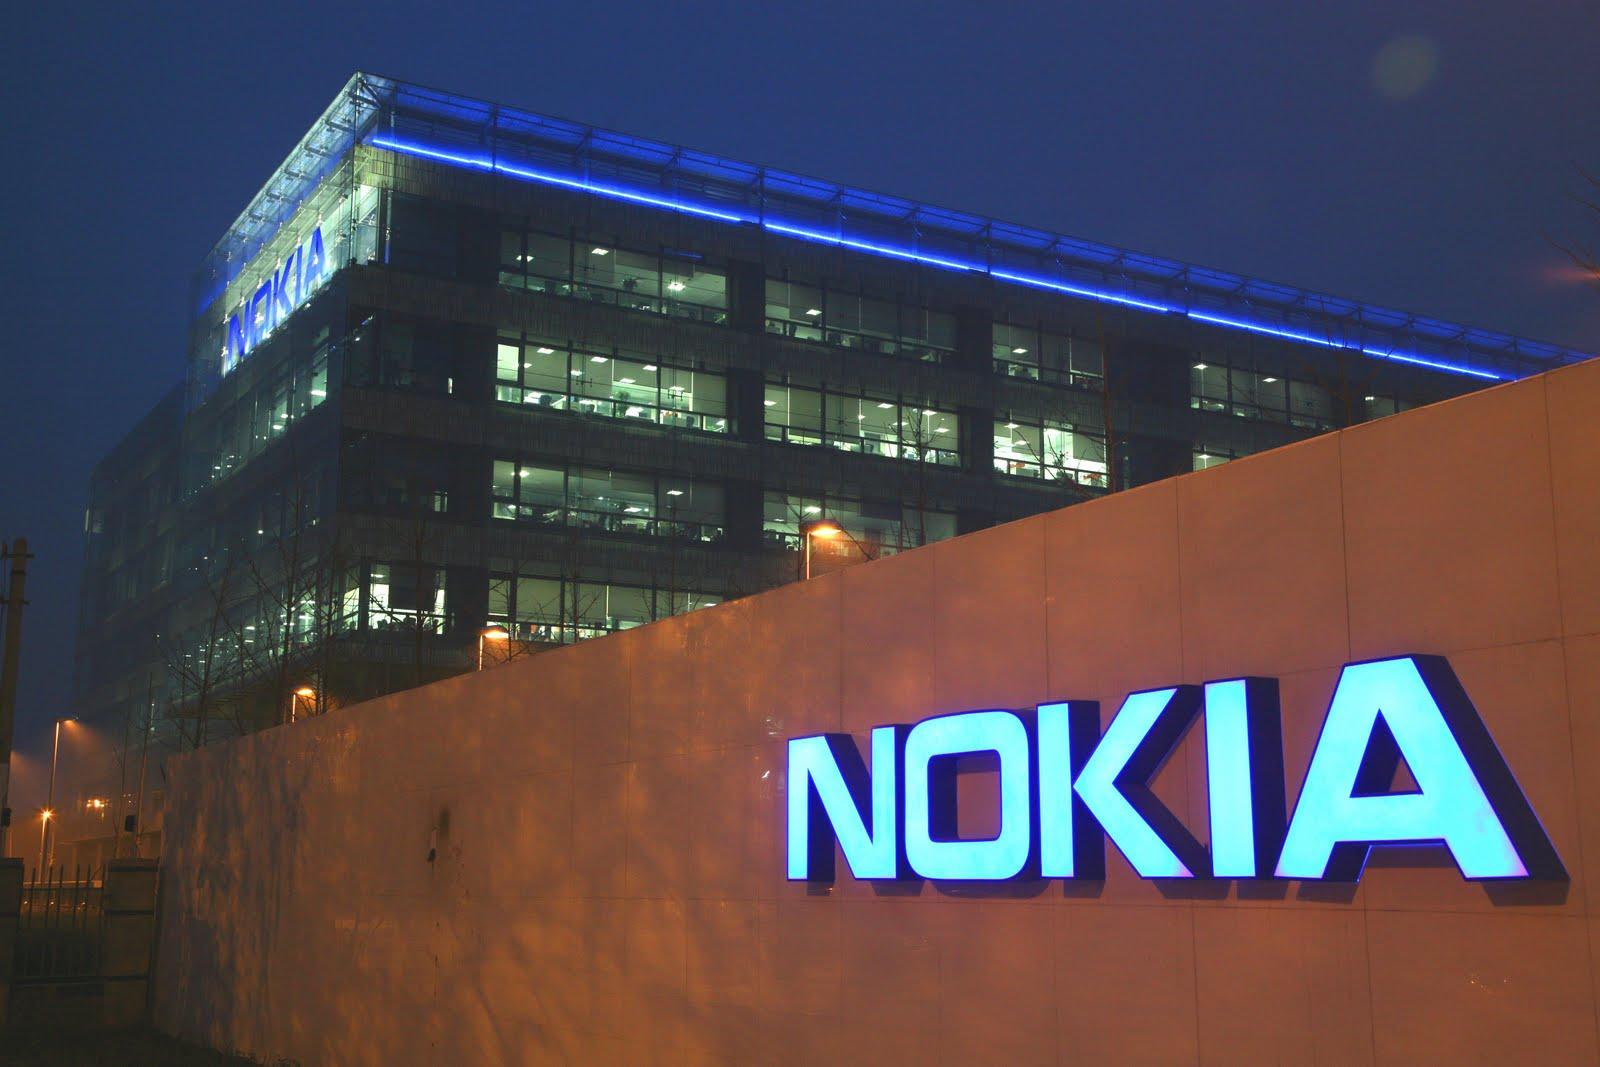 诺基亚正在让消费者通过区块链实现其数据货币化